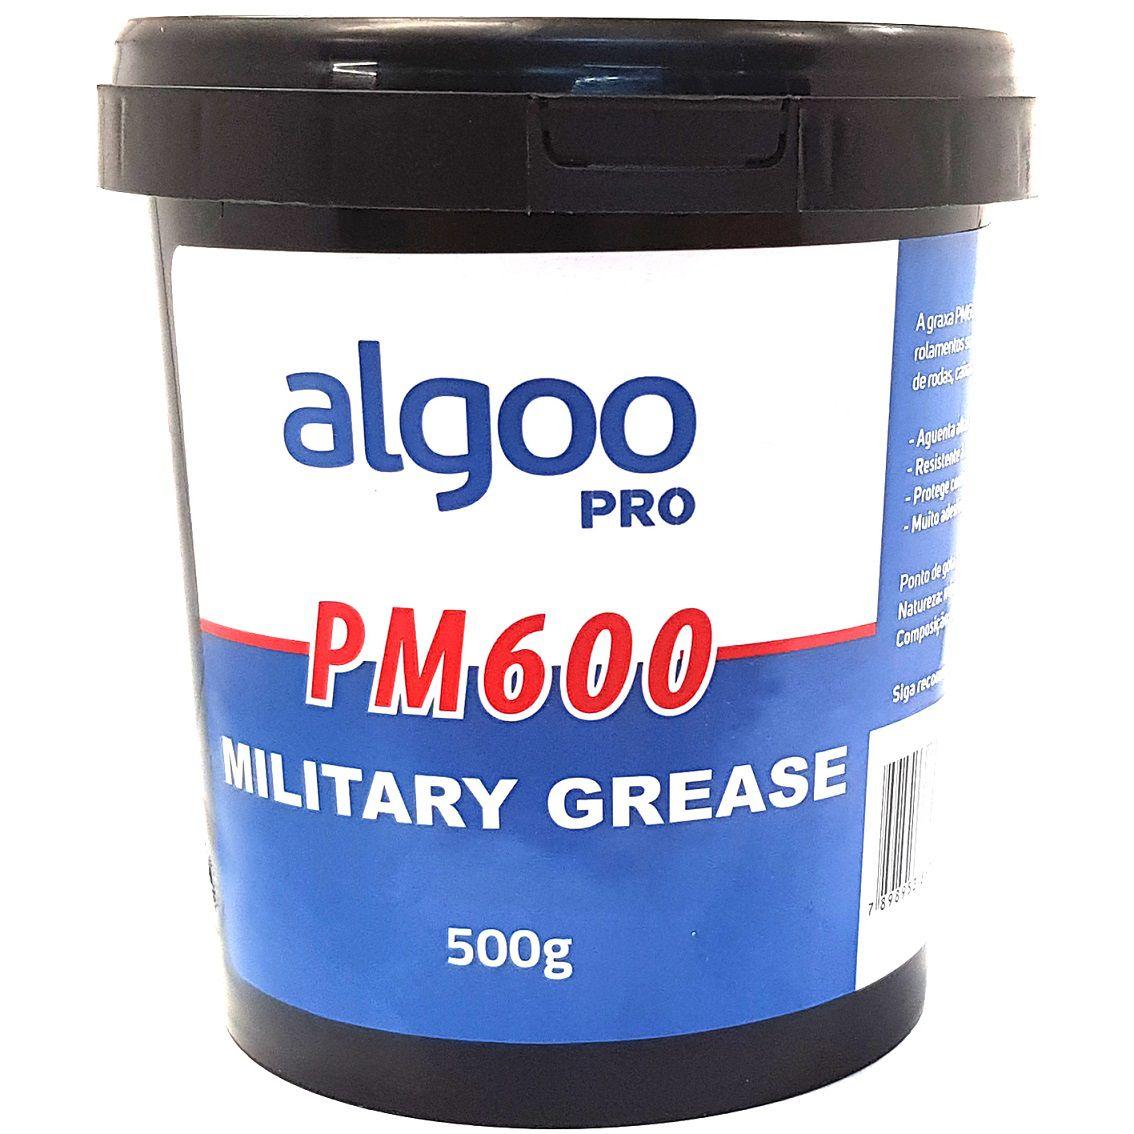 Graxa PM600 Military Grease Algoo Pro 500 gramas para Suspensão E Rolamentos Bicicletas Vermelha